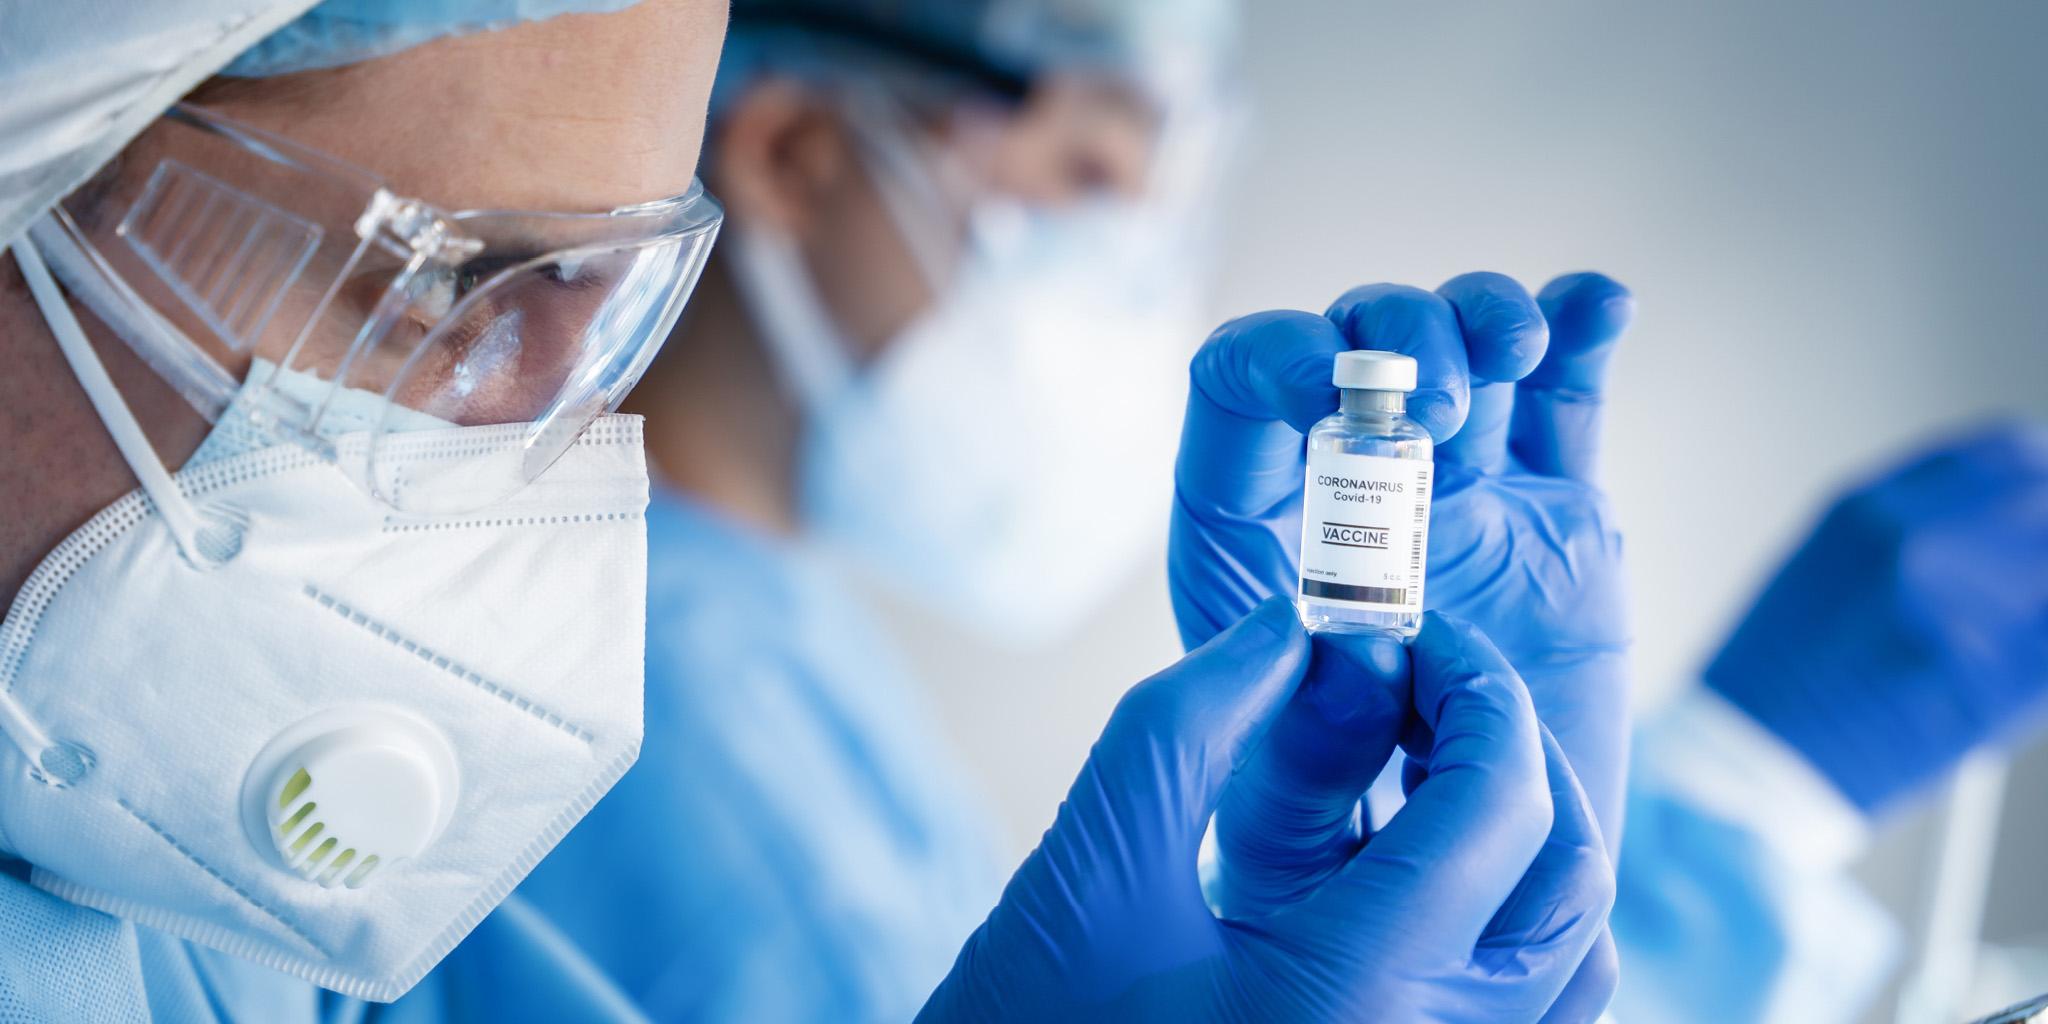 """Bußgeld, Coronavirus, Impfung: ETL-Rechtsexperte Dr. Uwe P. Schlegel fordert Bußgelder für Impfvordrängler: """"Es geht um das Überleben von Menschen!"""""""